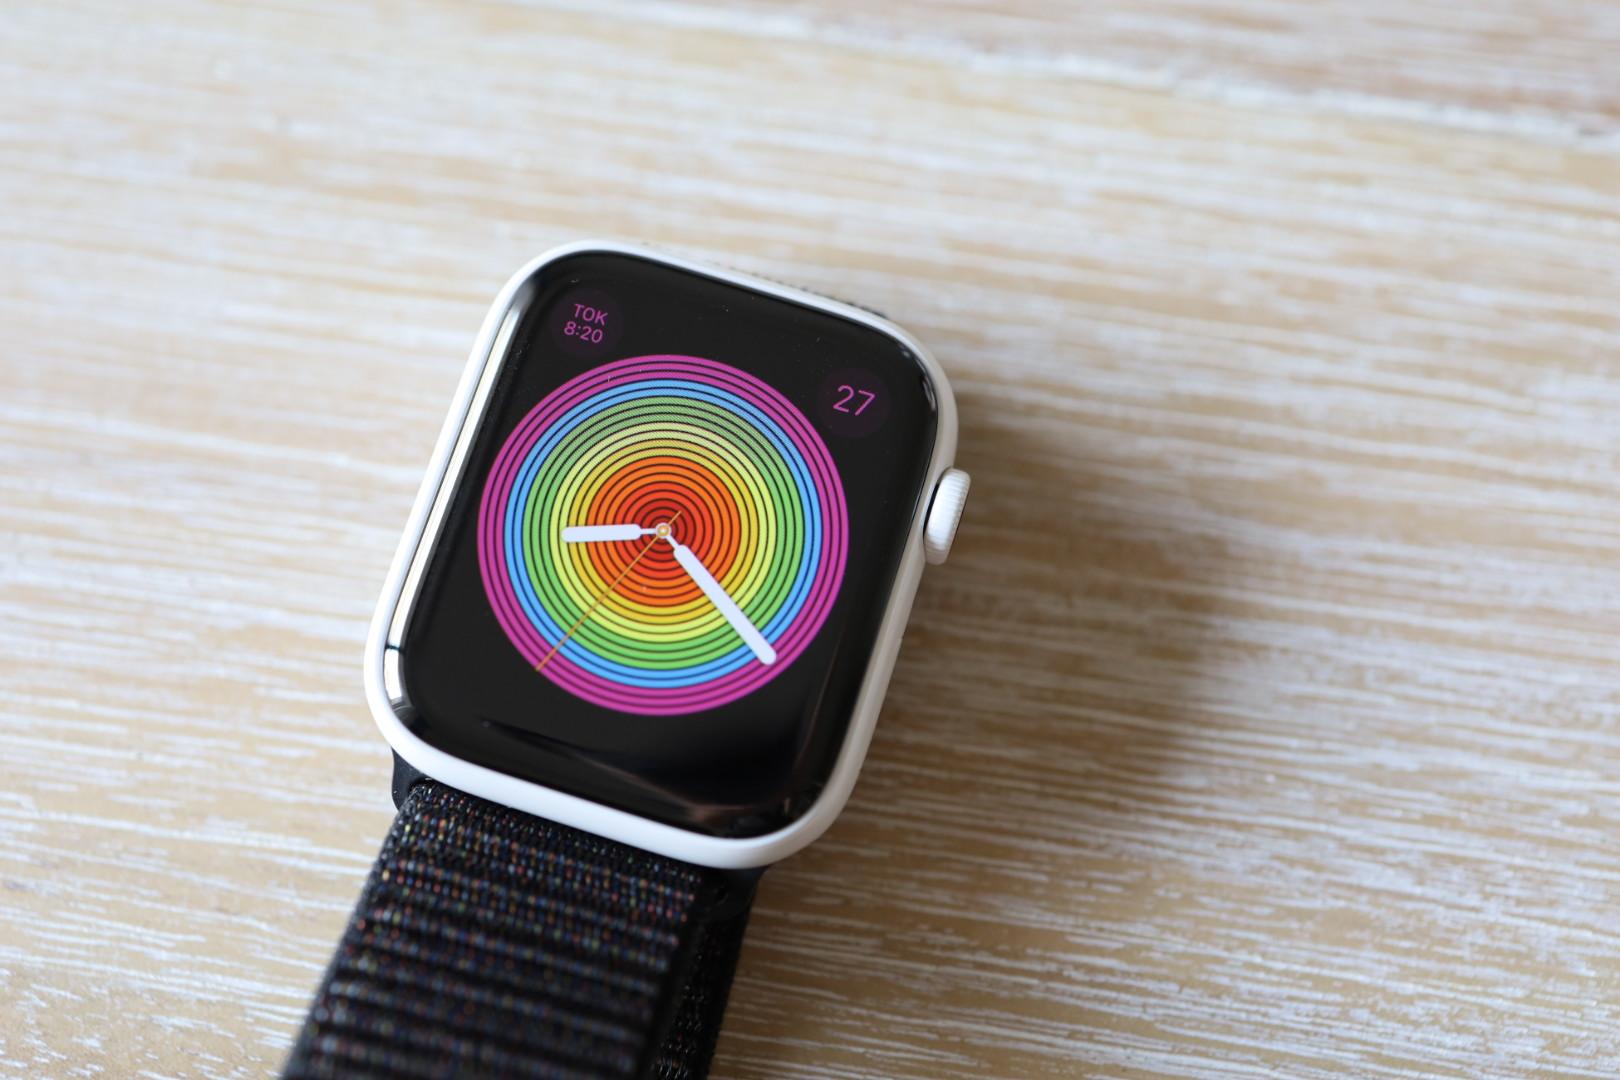 アップルウォッチ5 ホワイトセラミックケースの外観を購入チェック。